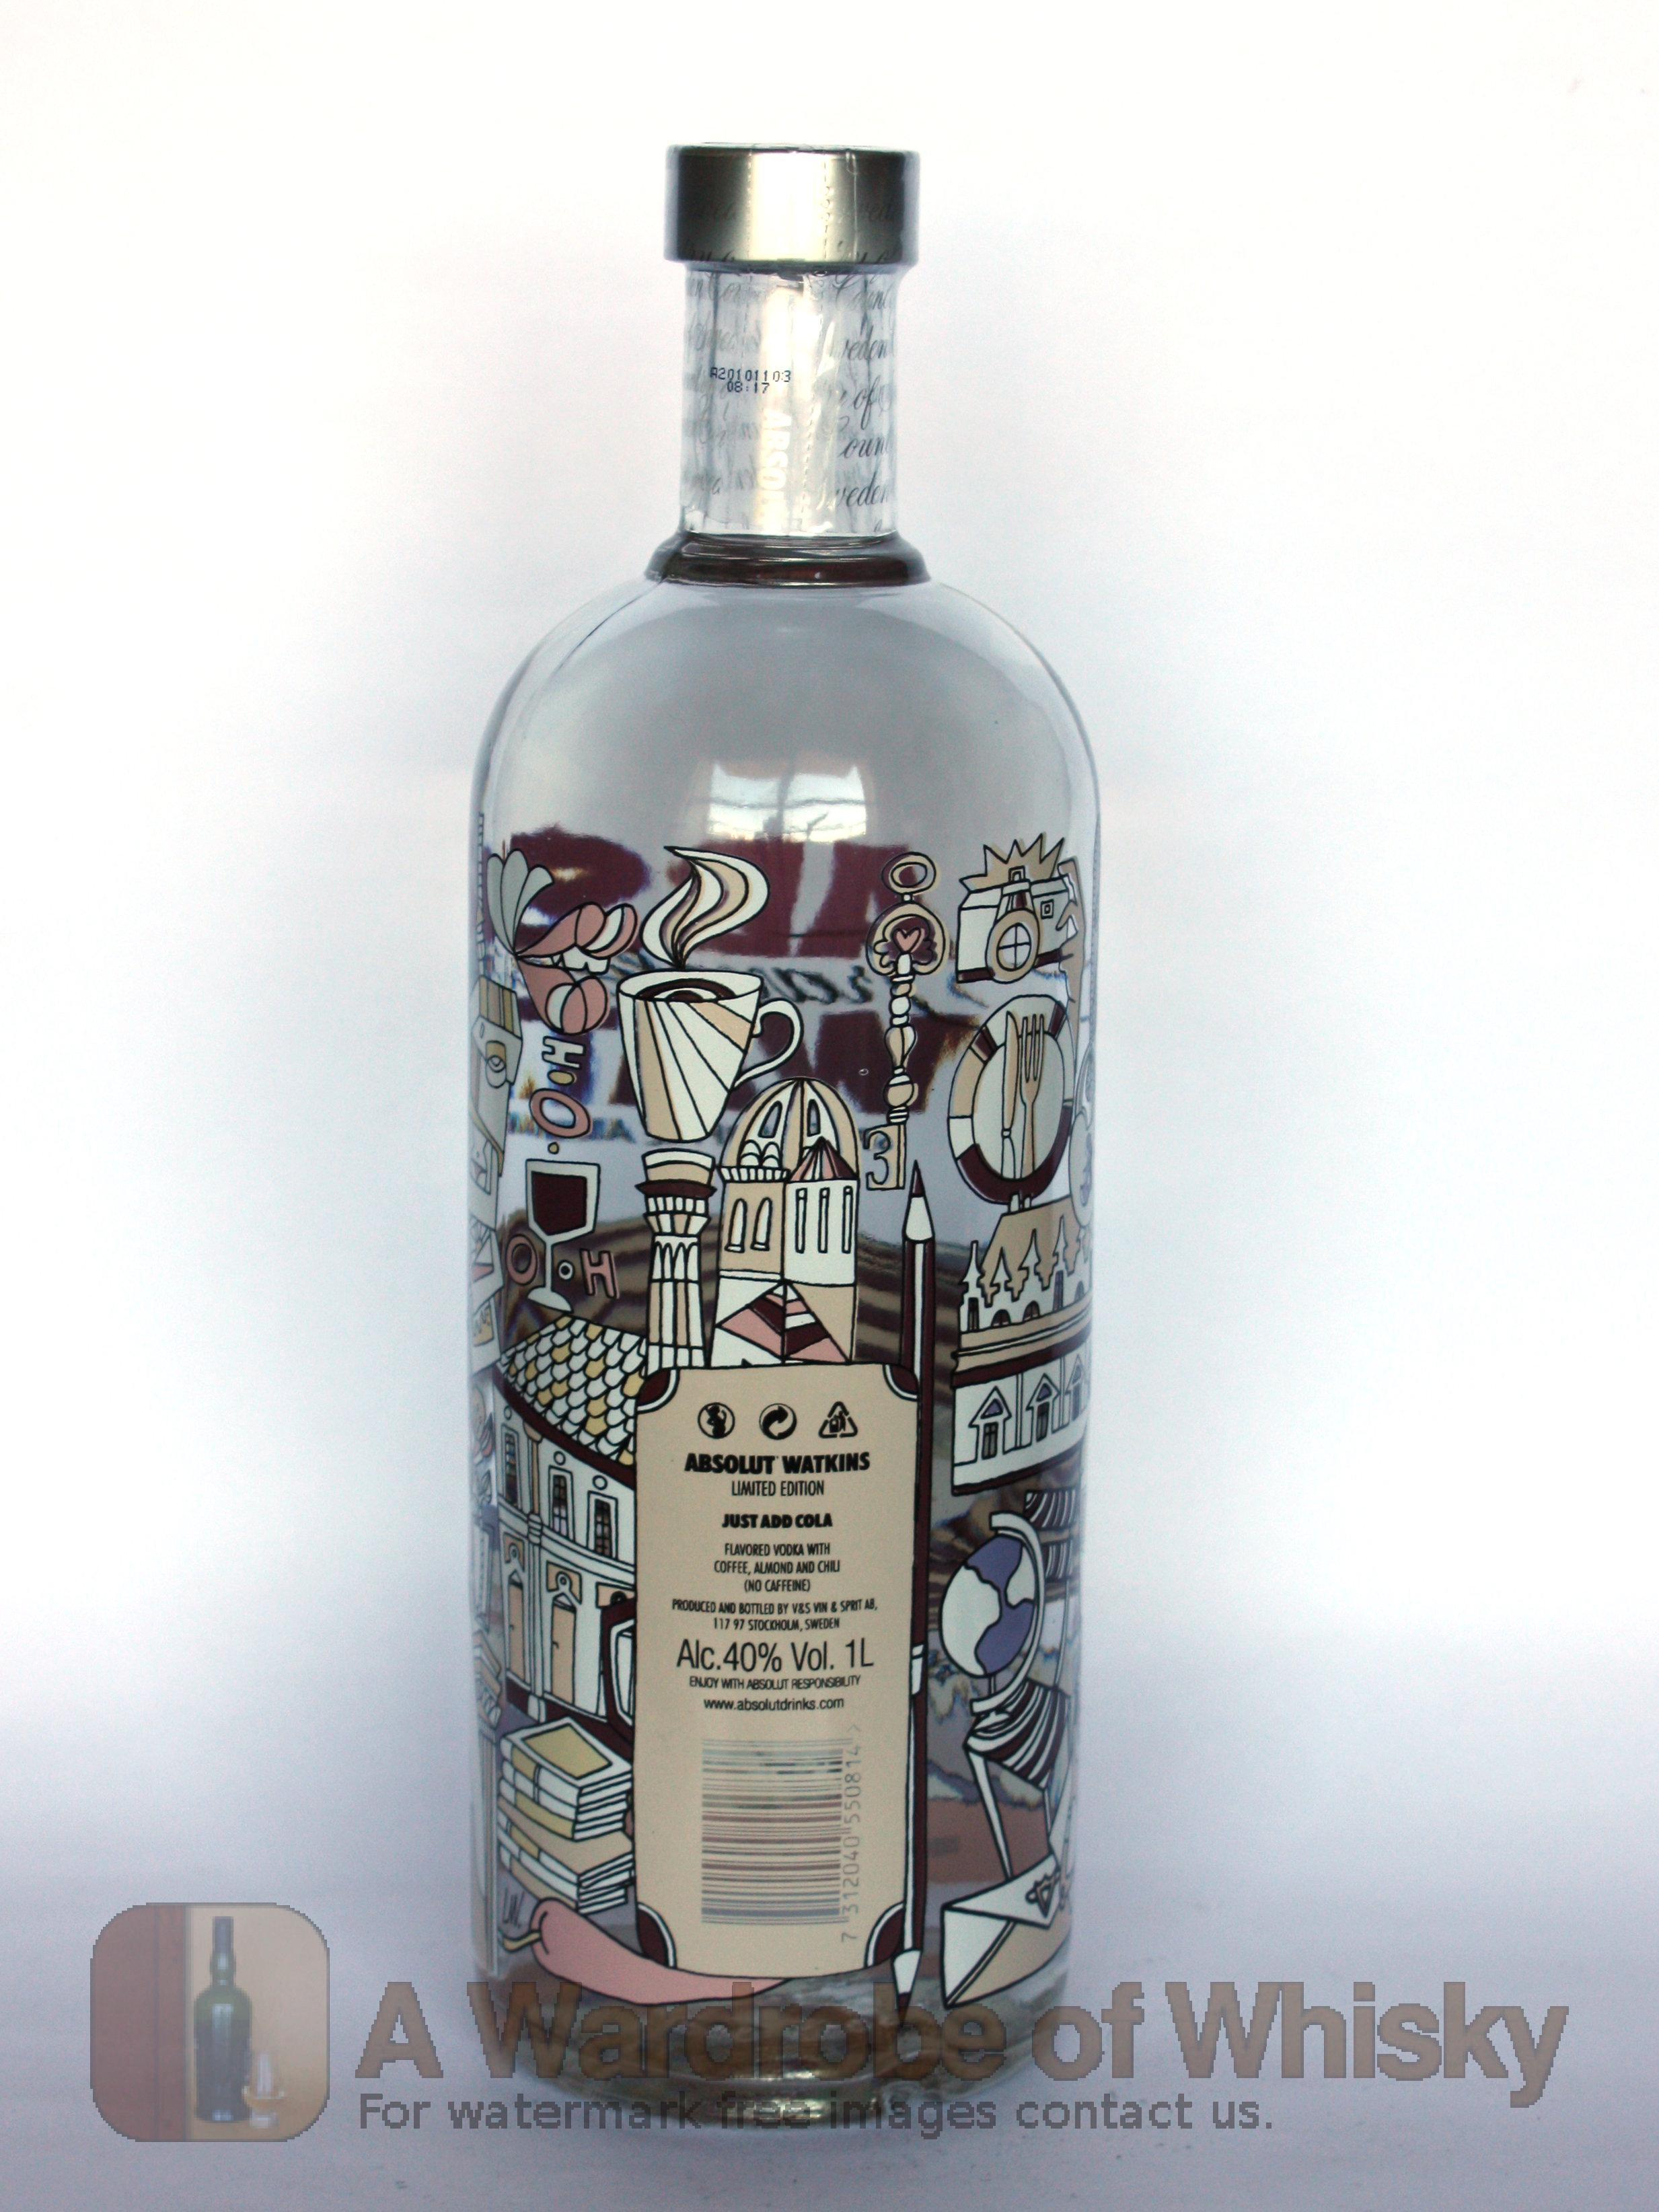 Buy Absolut Vodka Watkins Travellers Exclusive Vodka